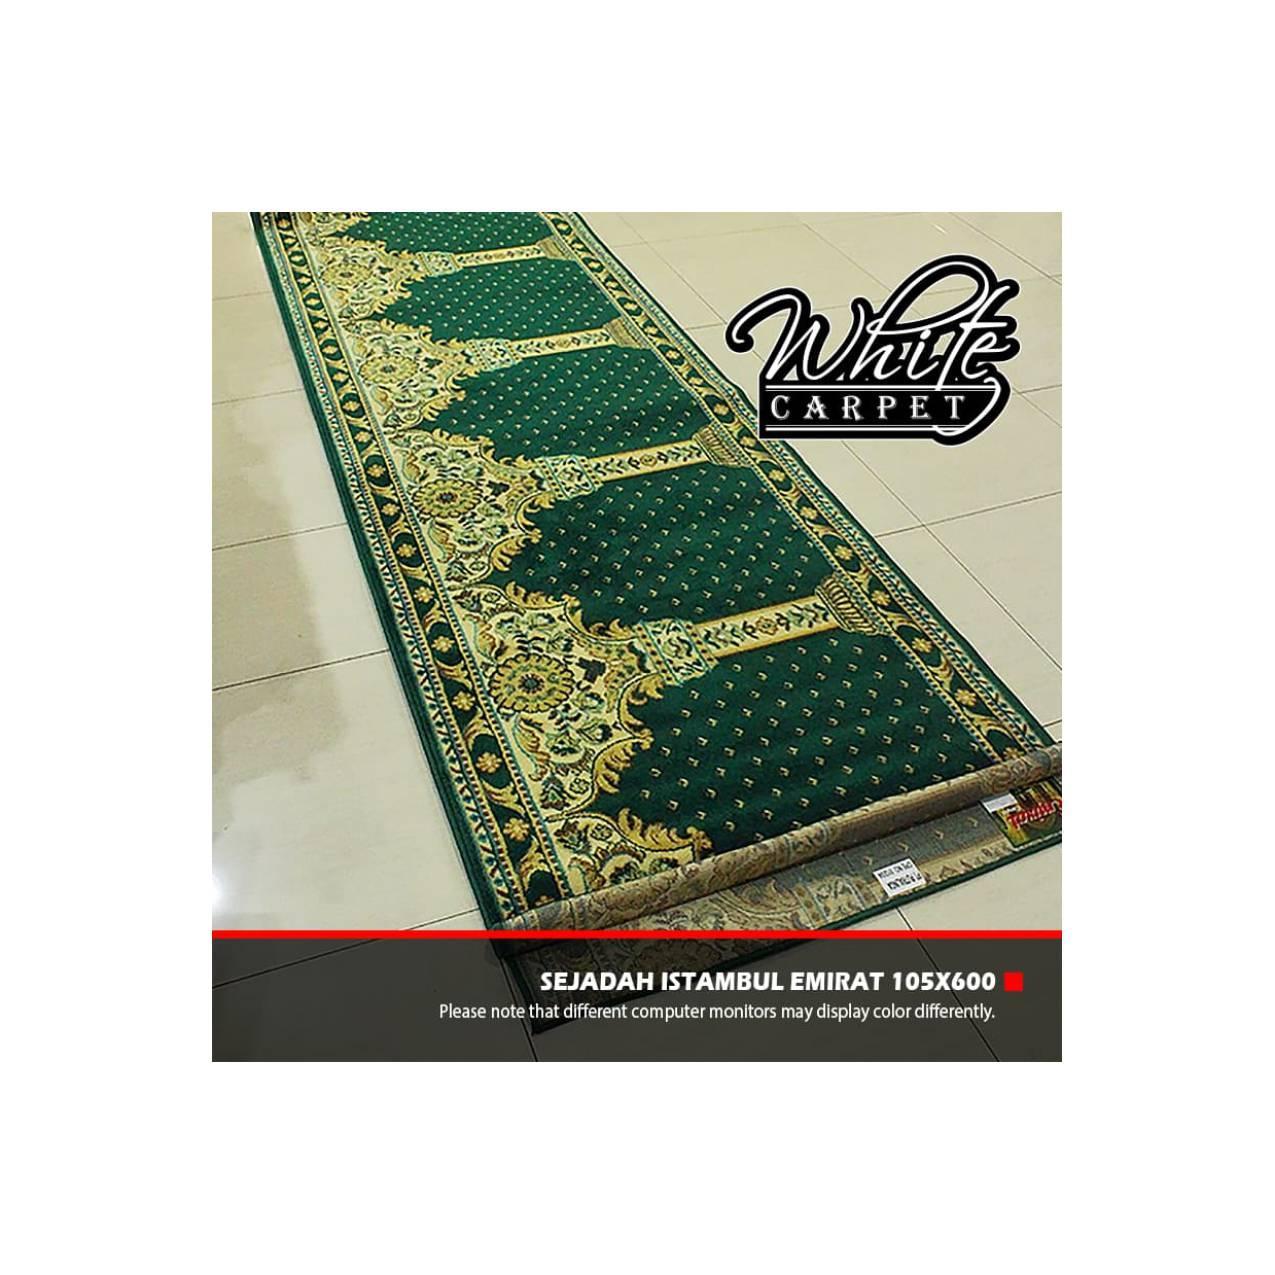 Sajadah Karpet Istambul Emirat 105x600cm Murah Berkualitas